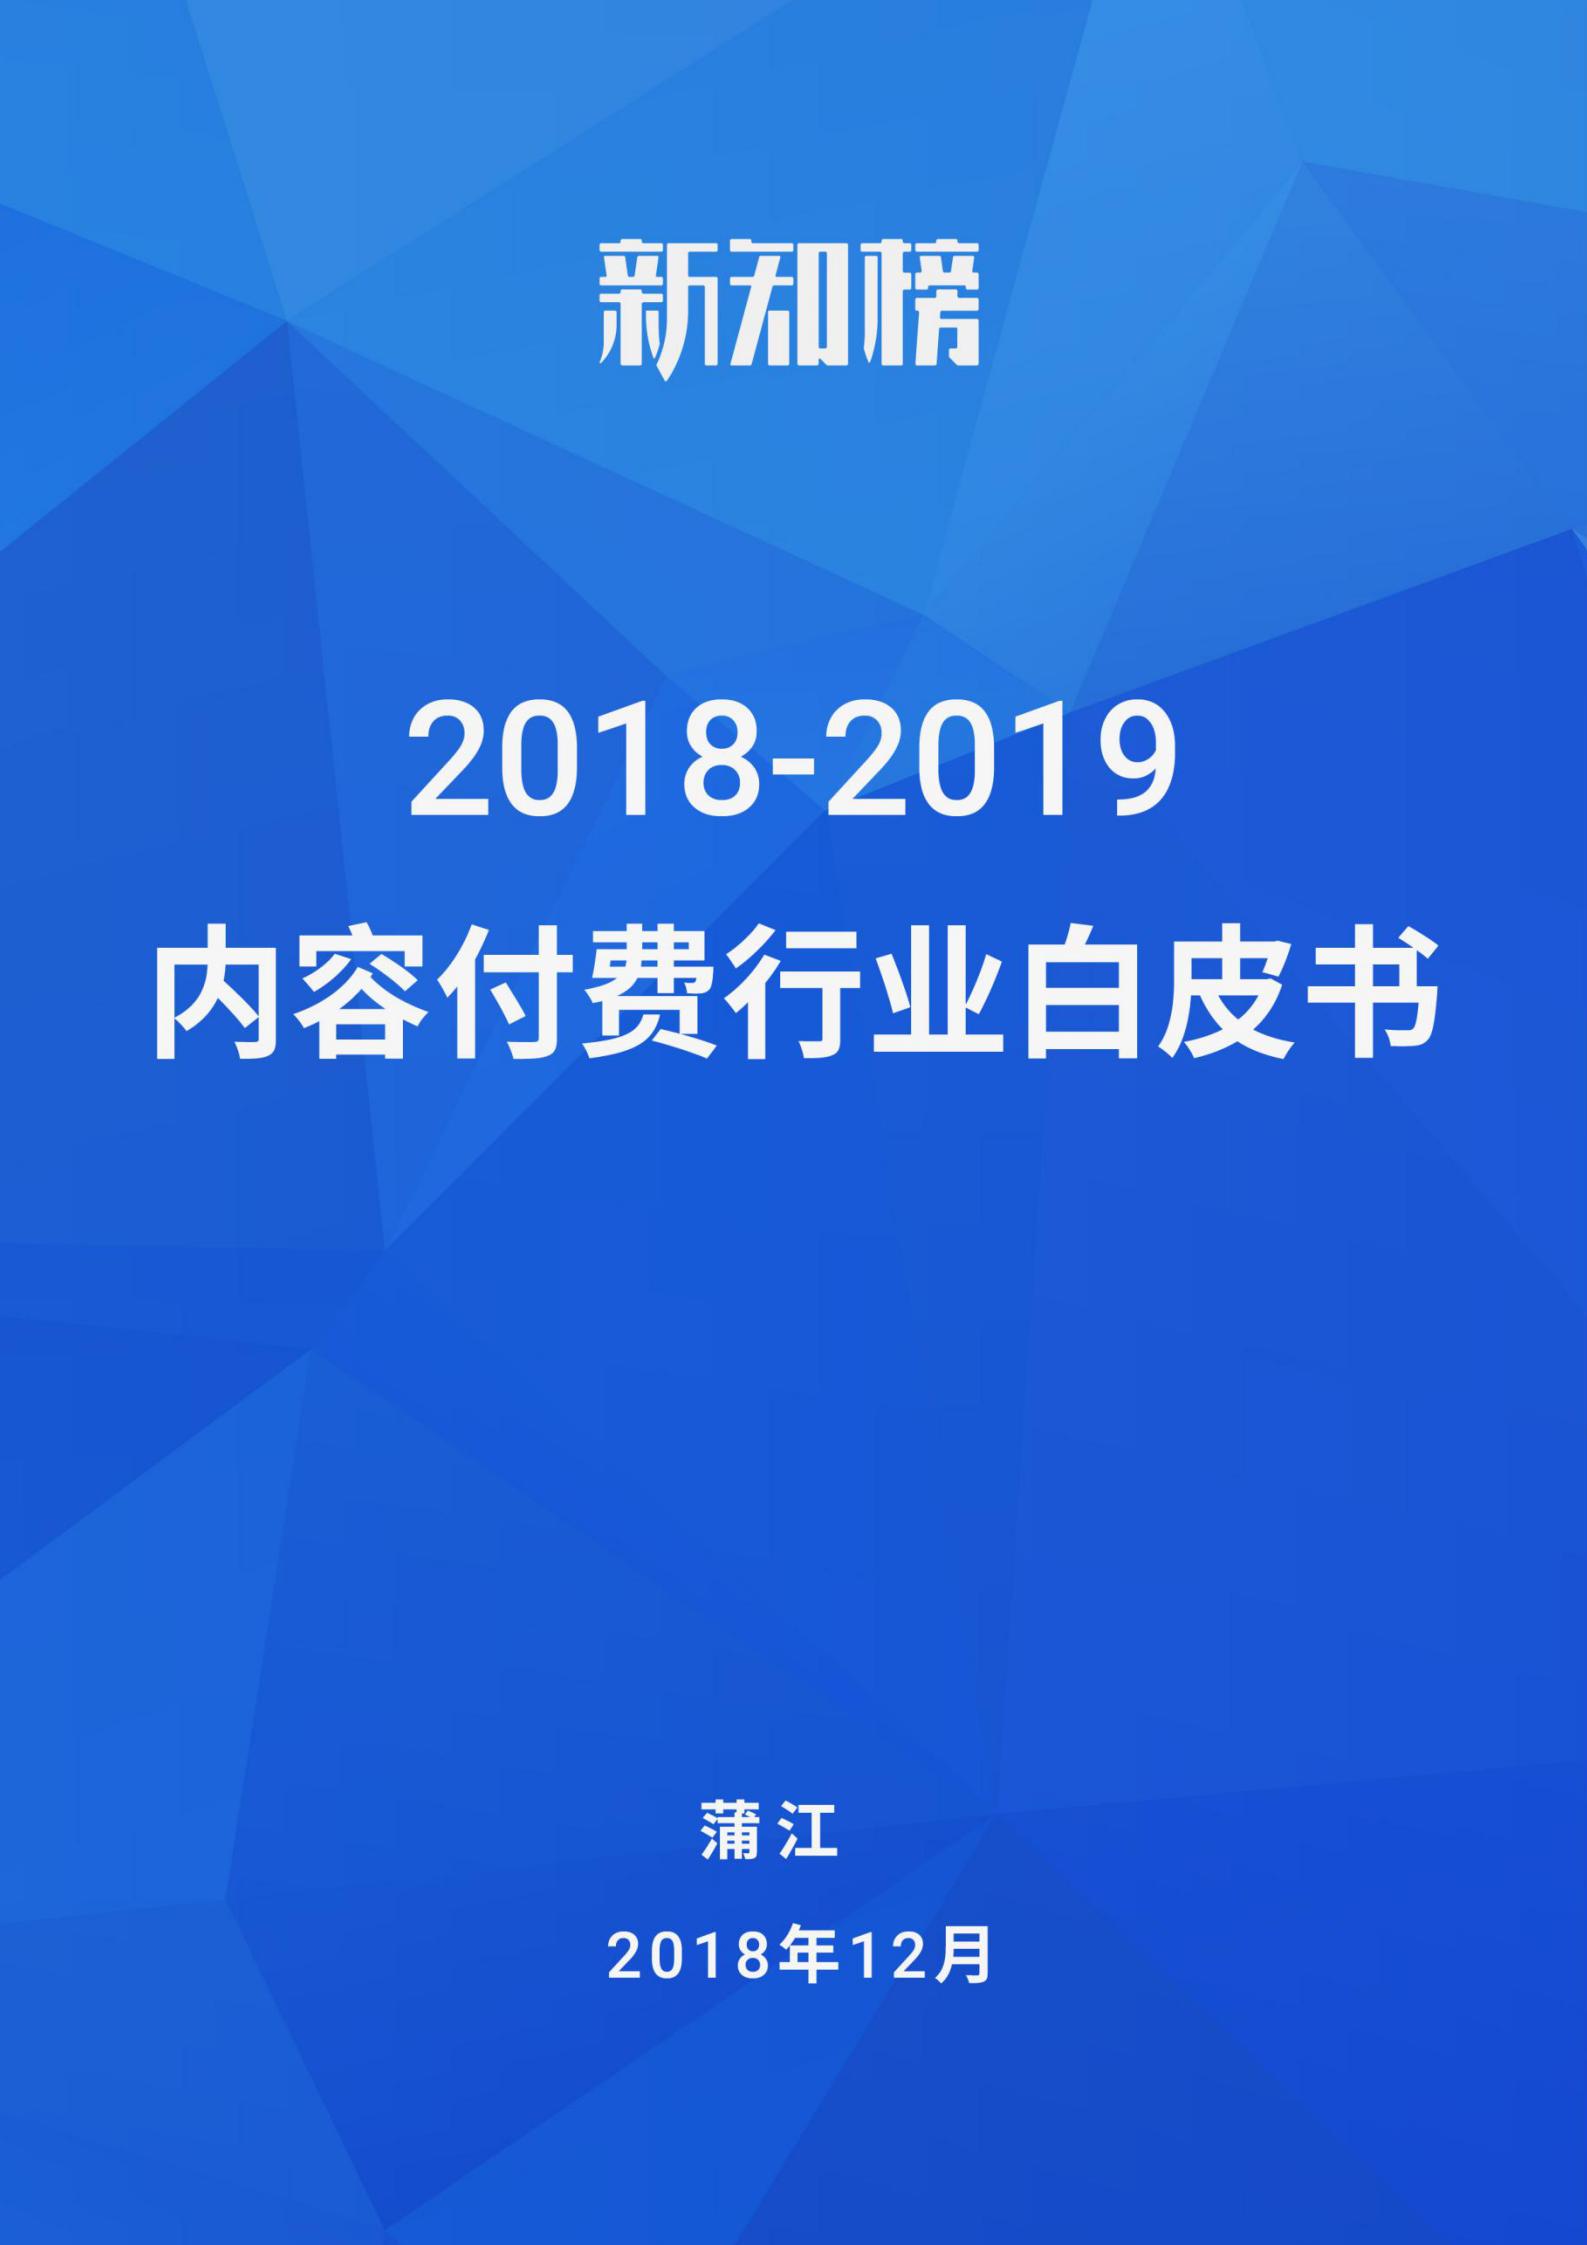 新知榜2018-2019内容付费行业白皮书_01.png